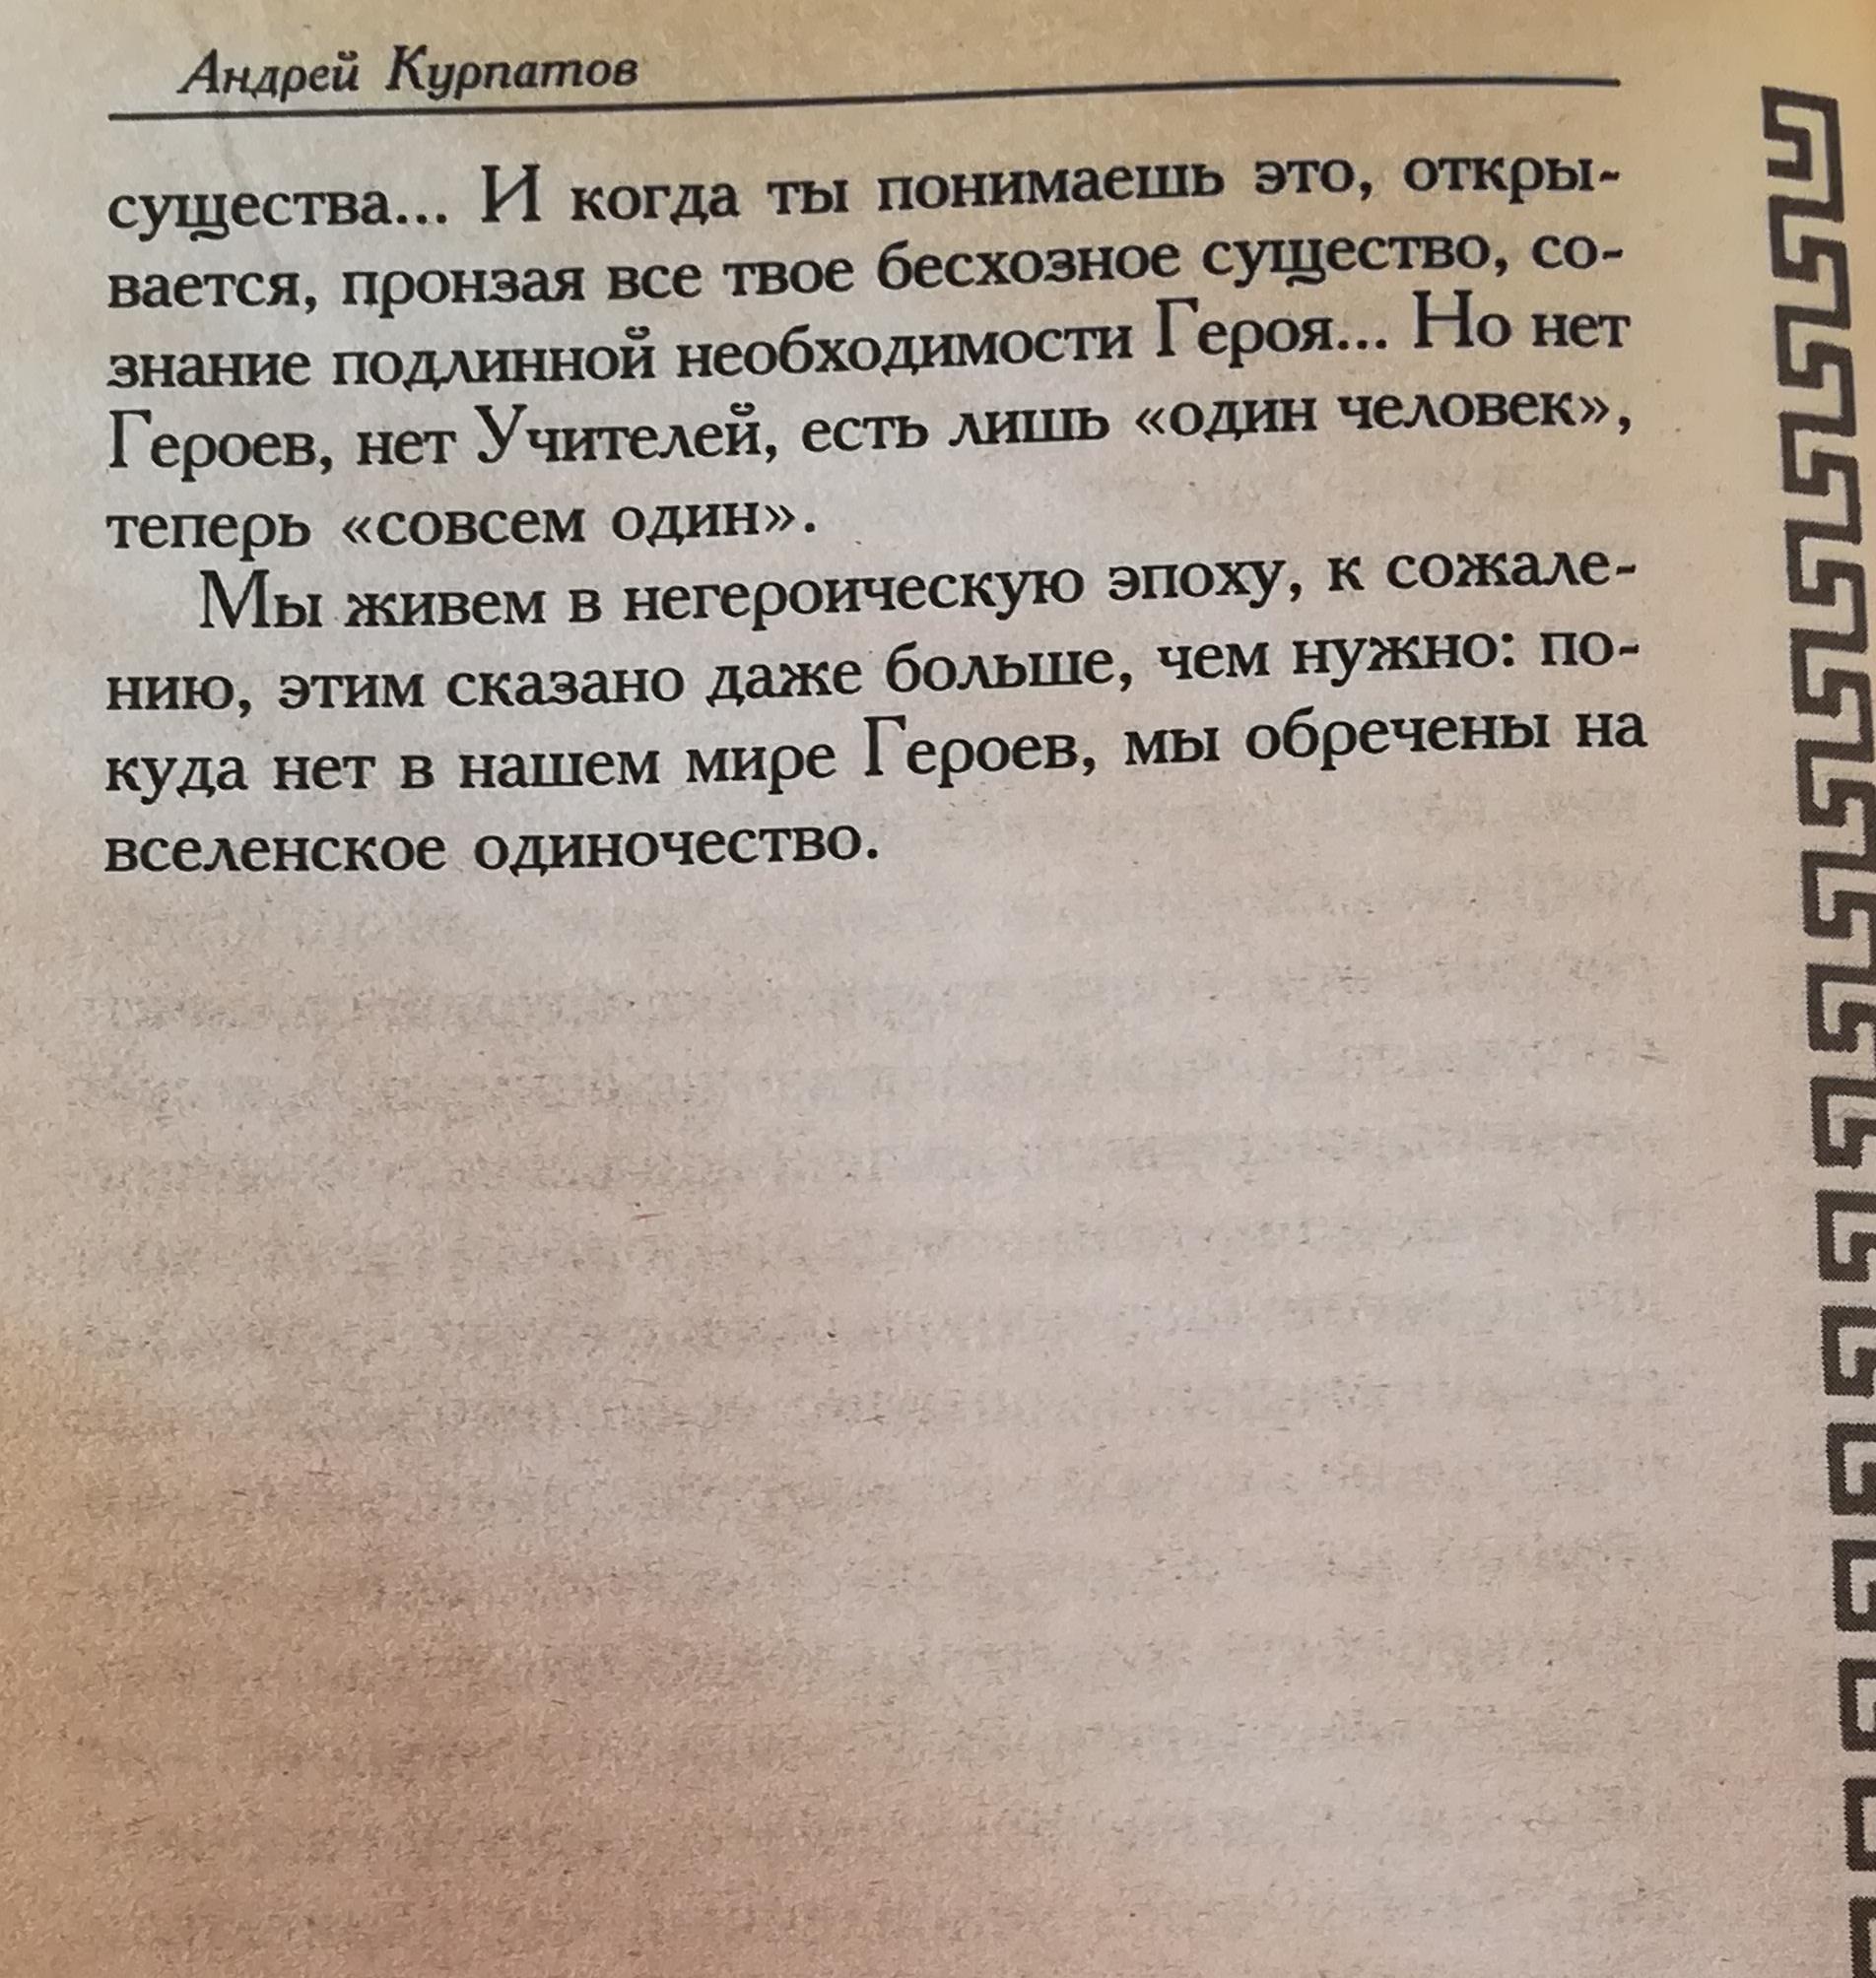 Andresi Kurpatovi eneseabi filosoofias  Kurpatov_154